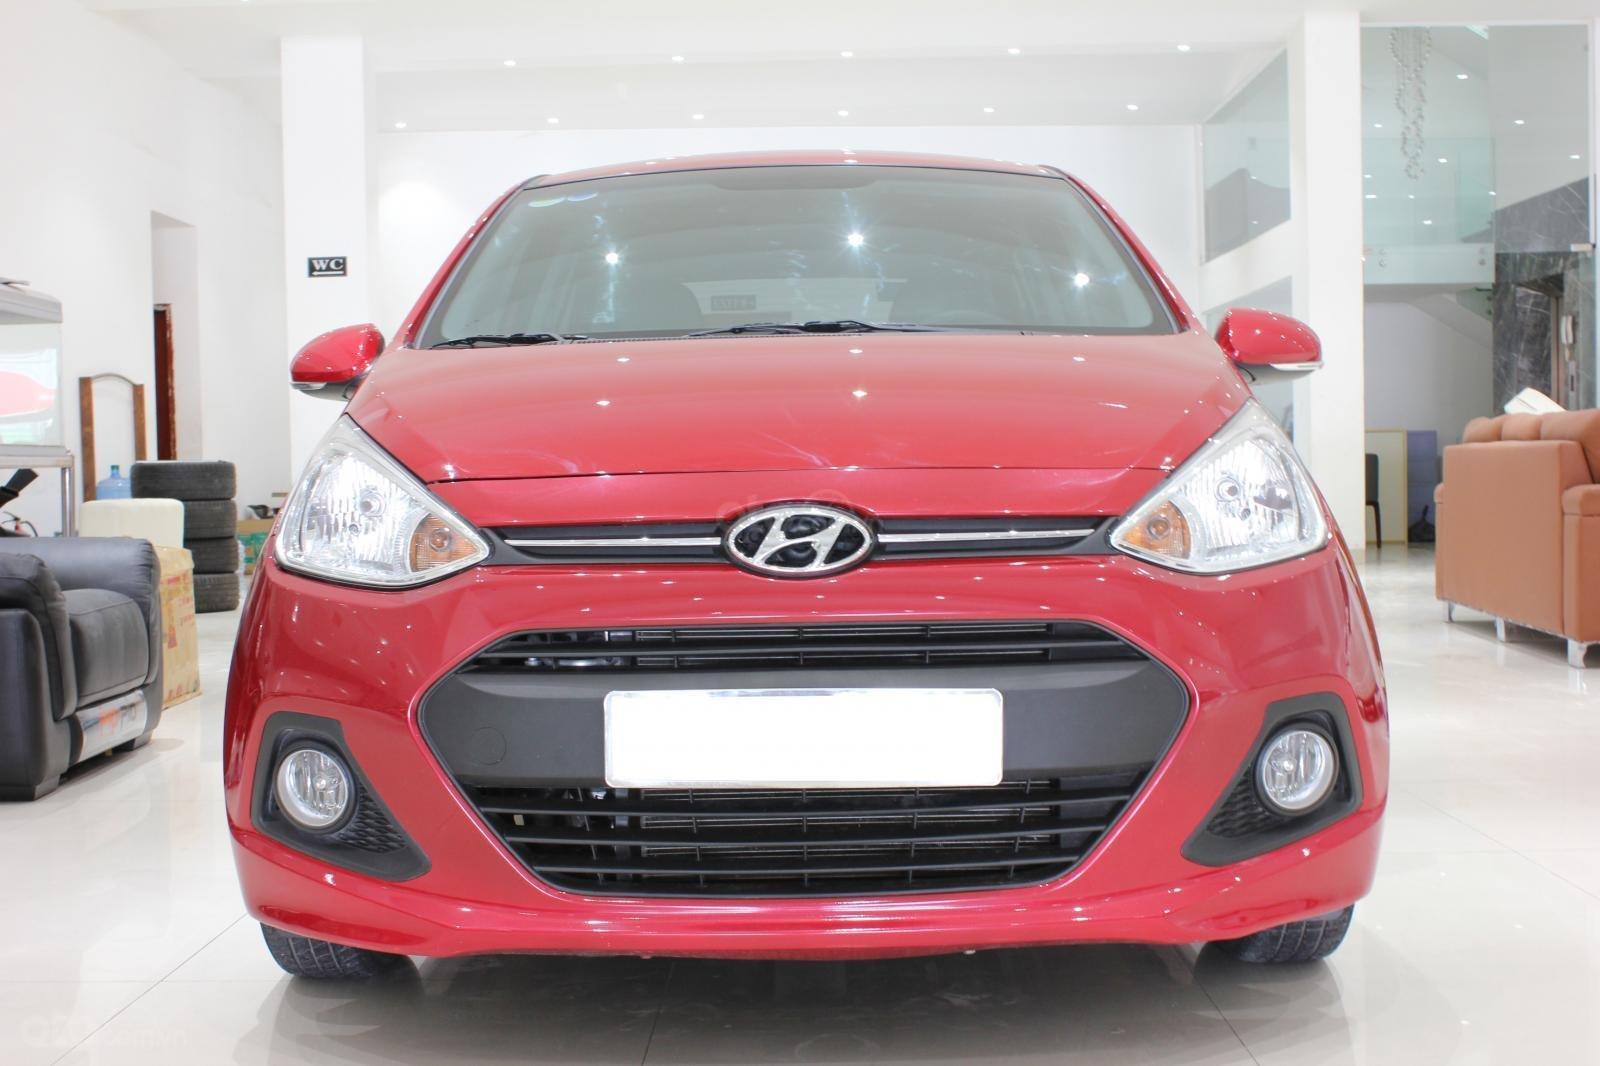 Bán xe Hyundai Grand i10 1.2 (Ấn Độ) năm sản xuất 2016, màu đỏ, nhập khẩu-0